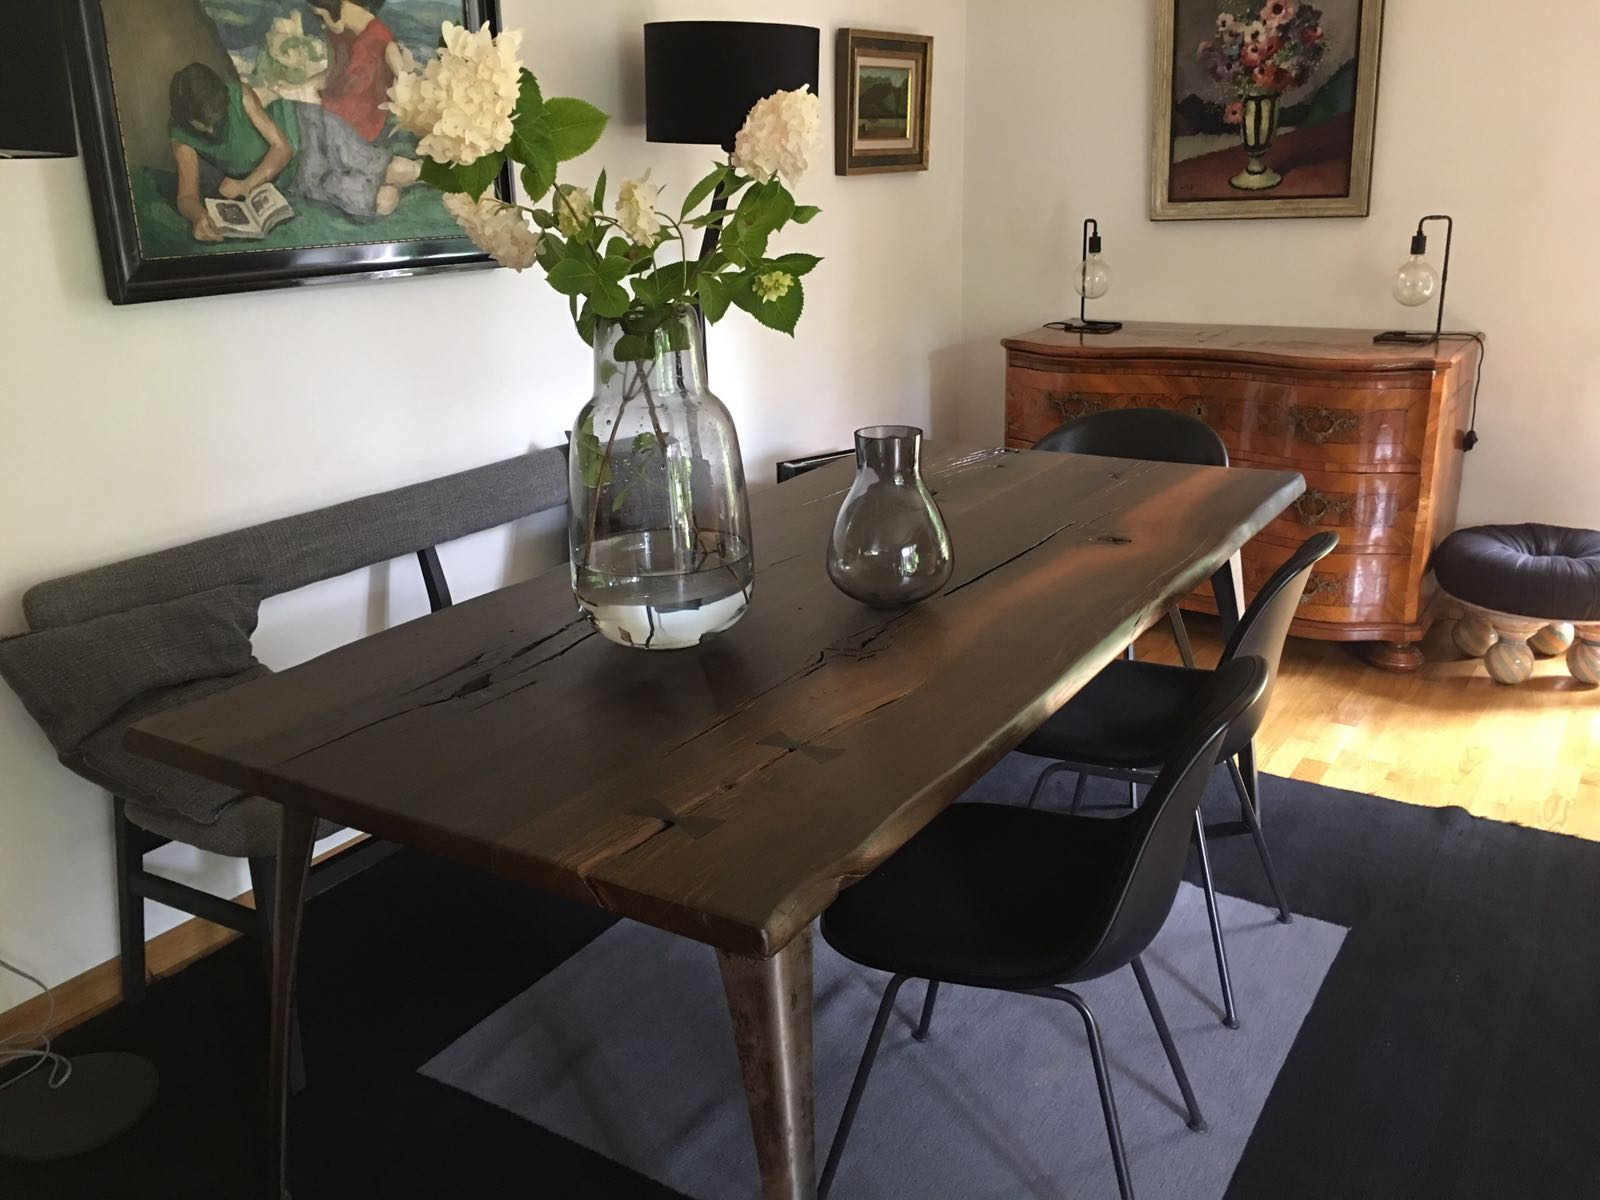 Dunkler Esszimmertisch mit Stühlen